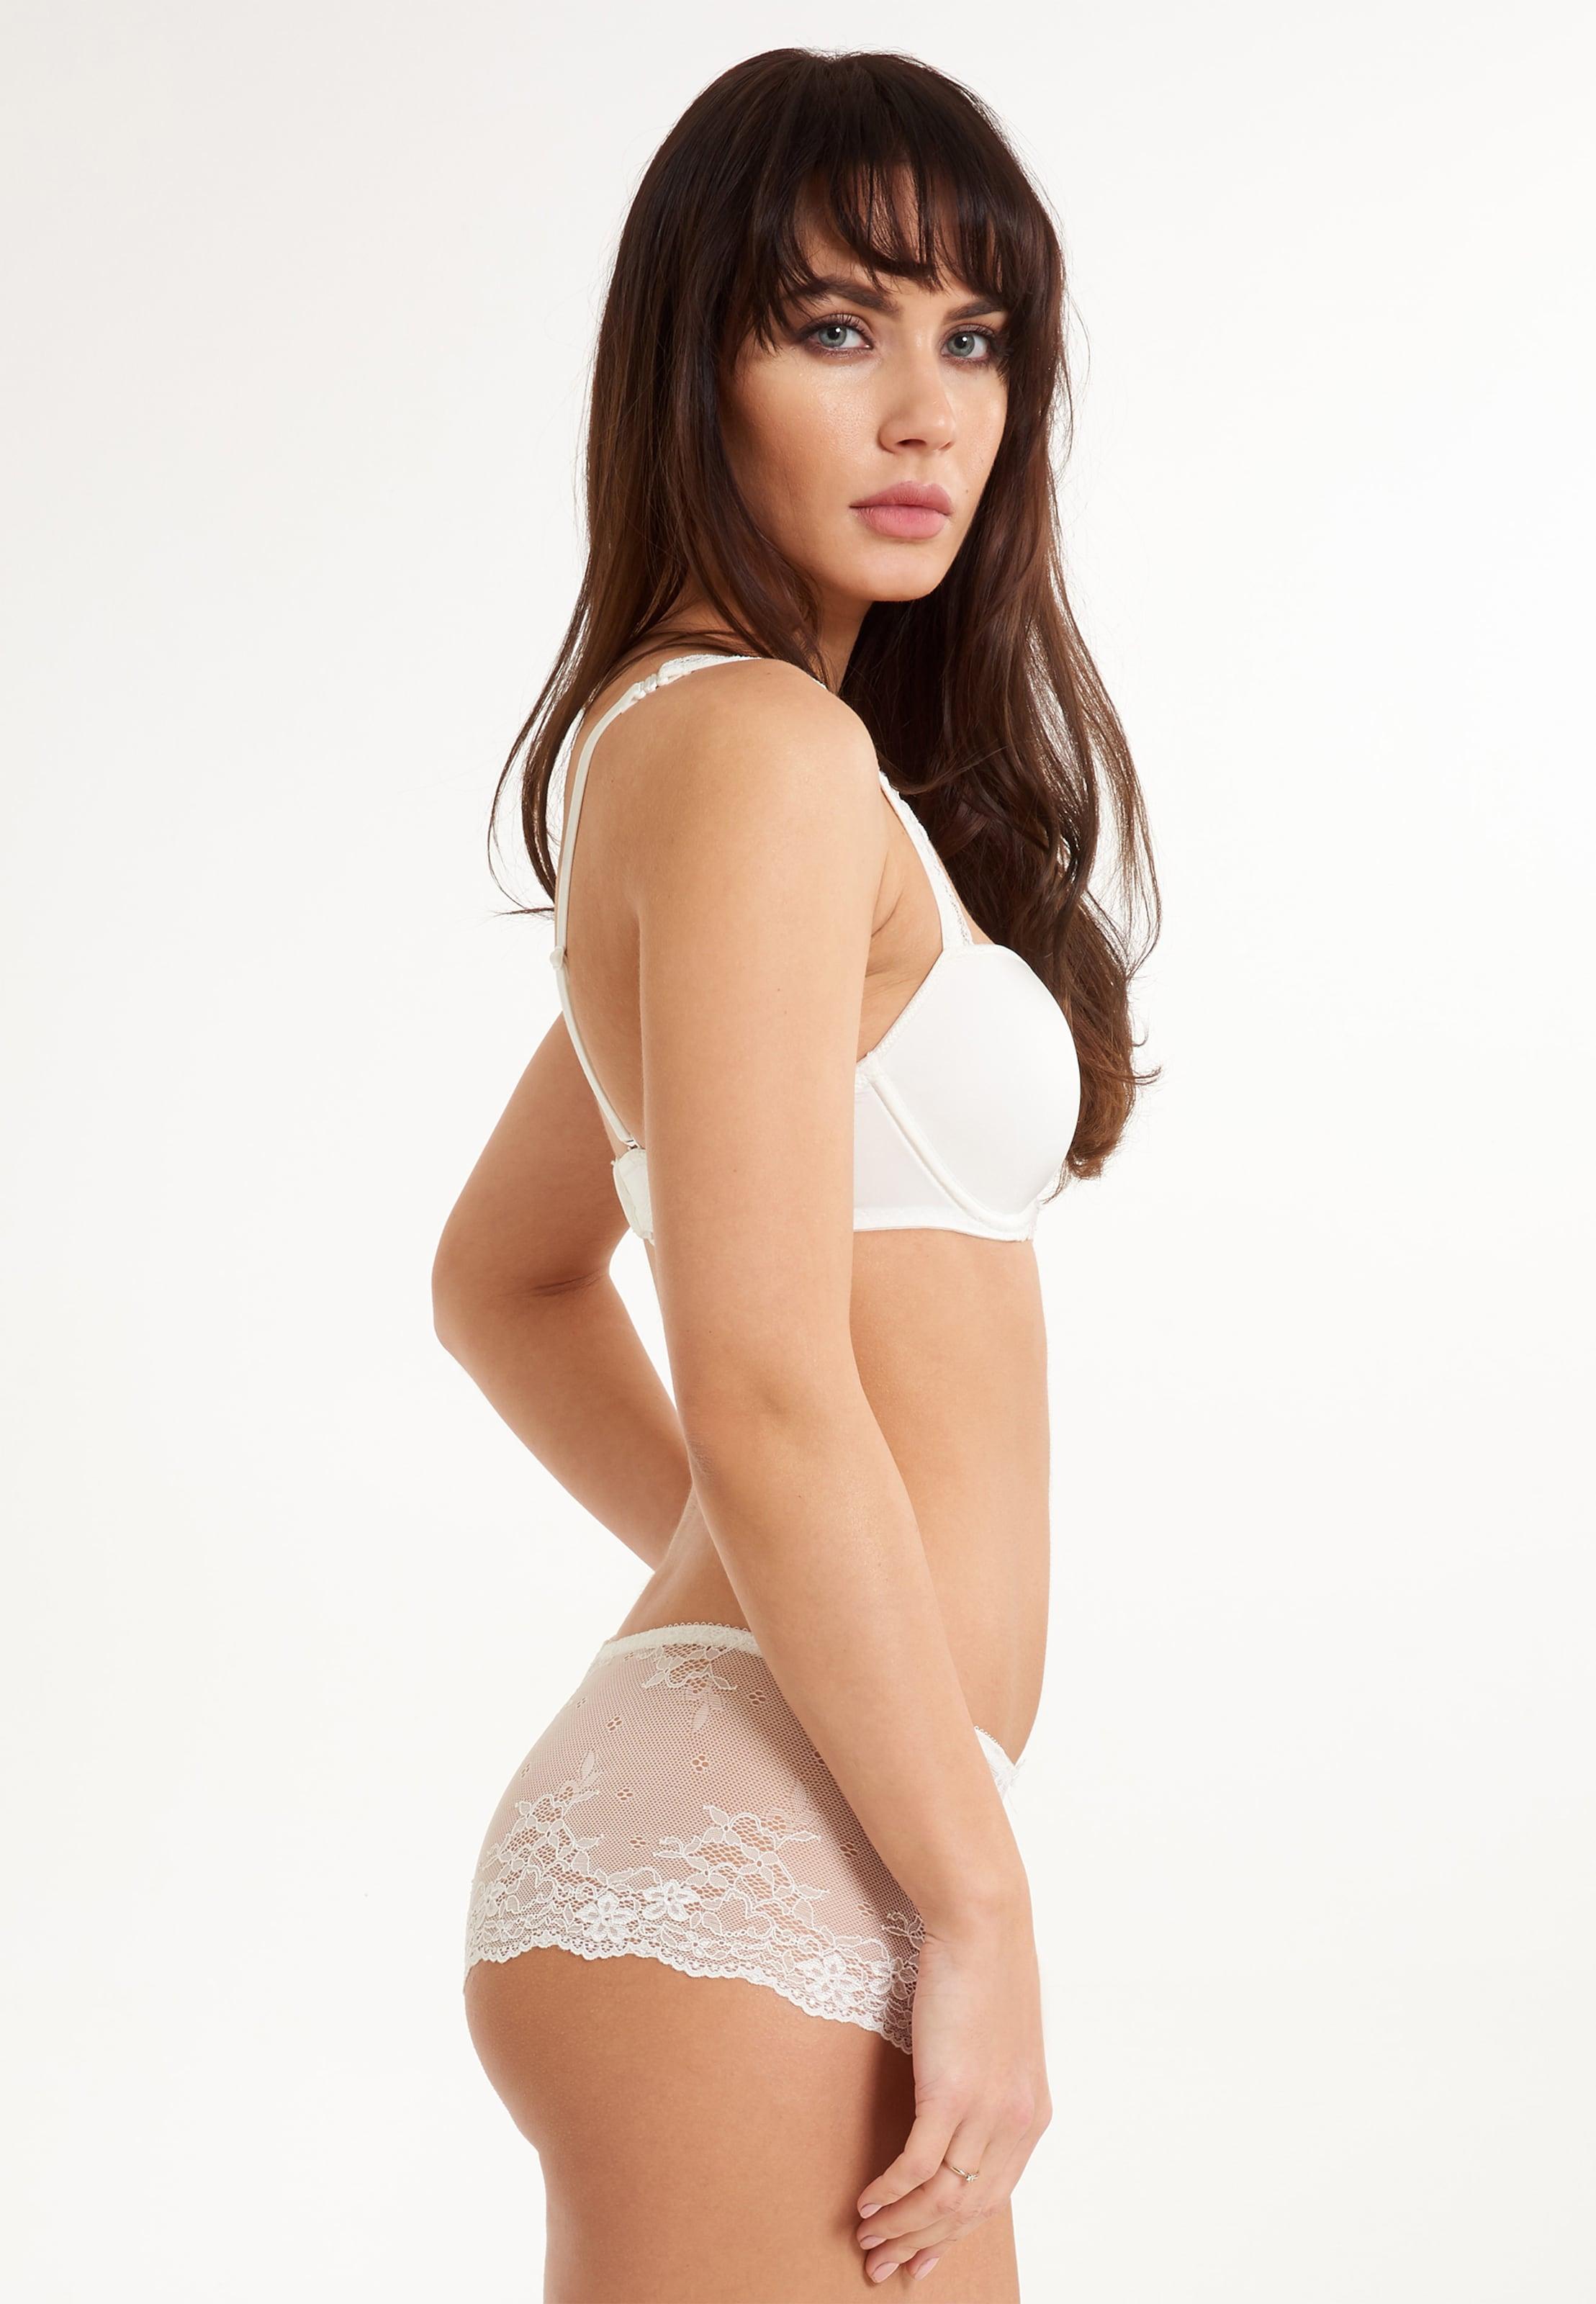 Culotte Lingadore Lace' Abricot 'daily En 80wmnvON